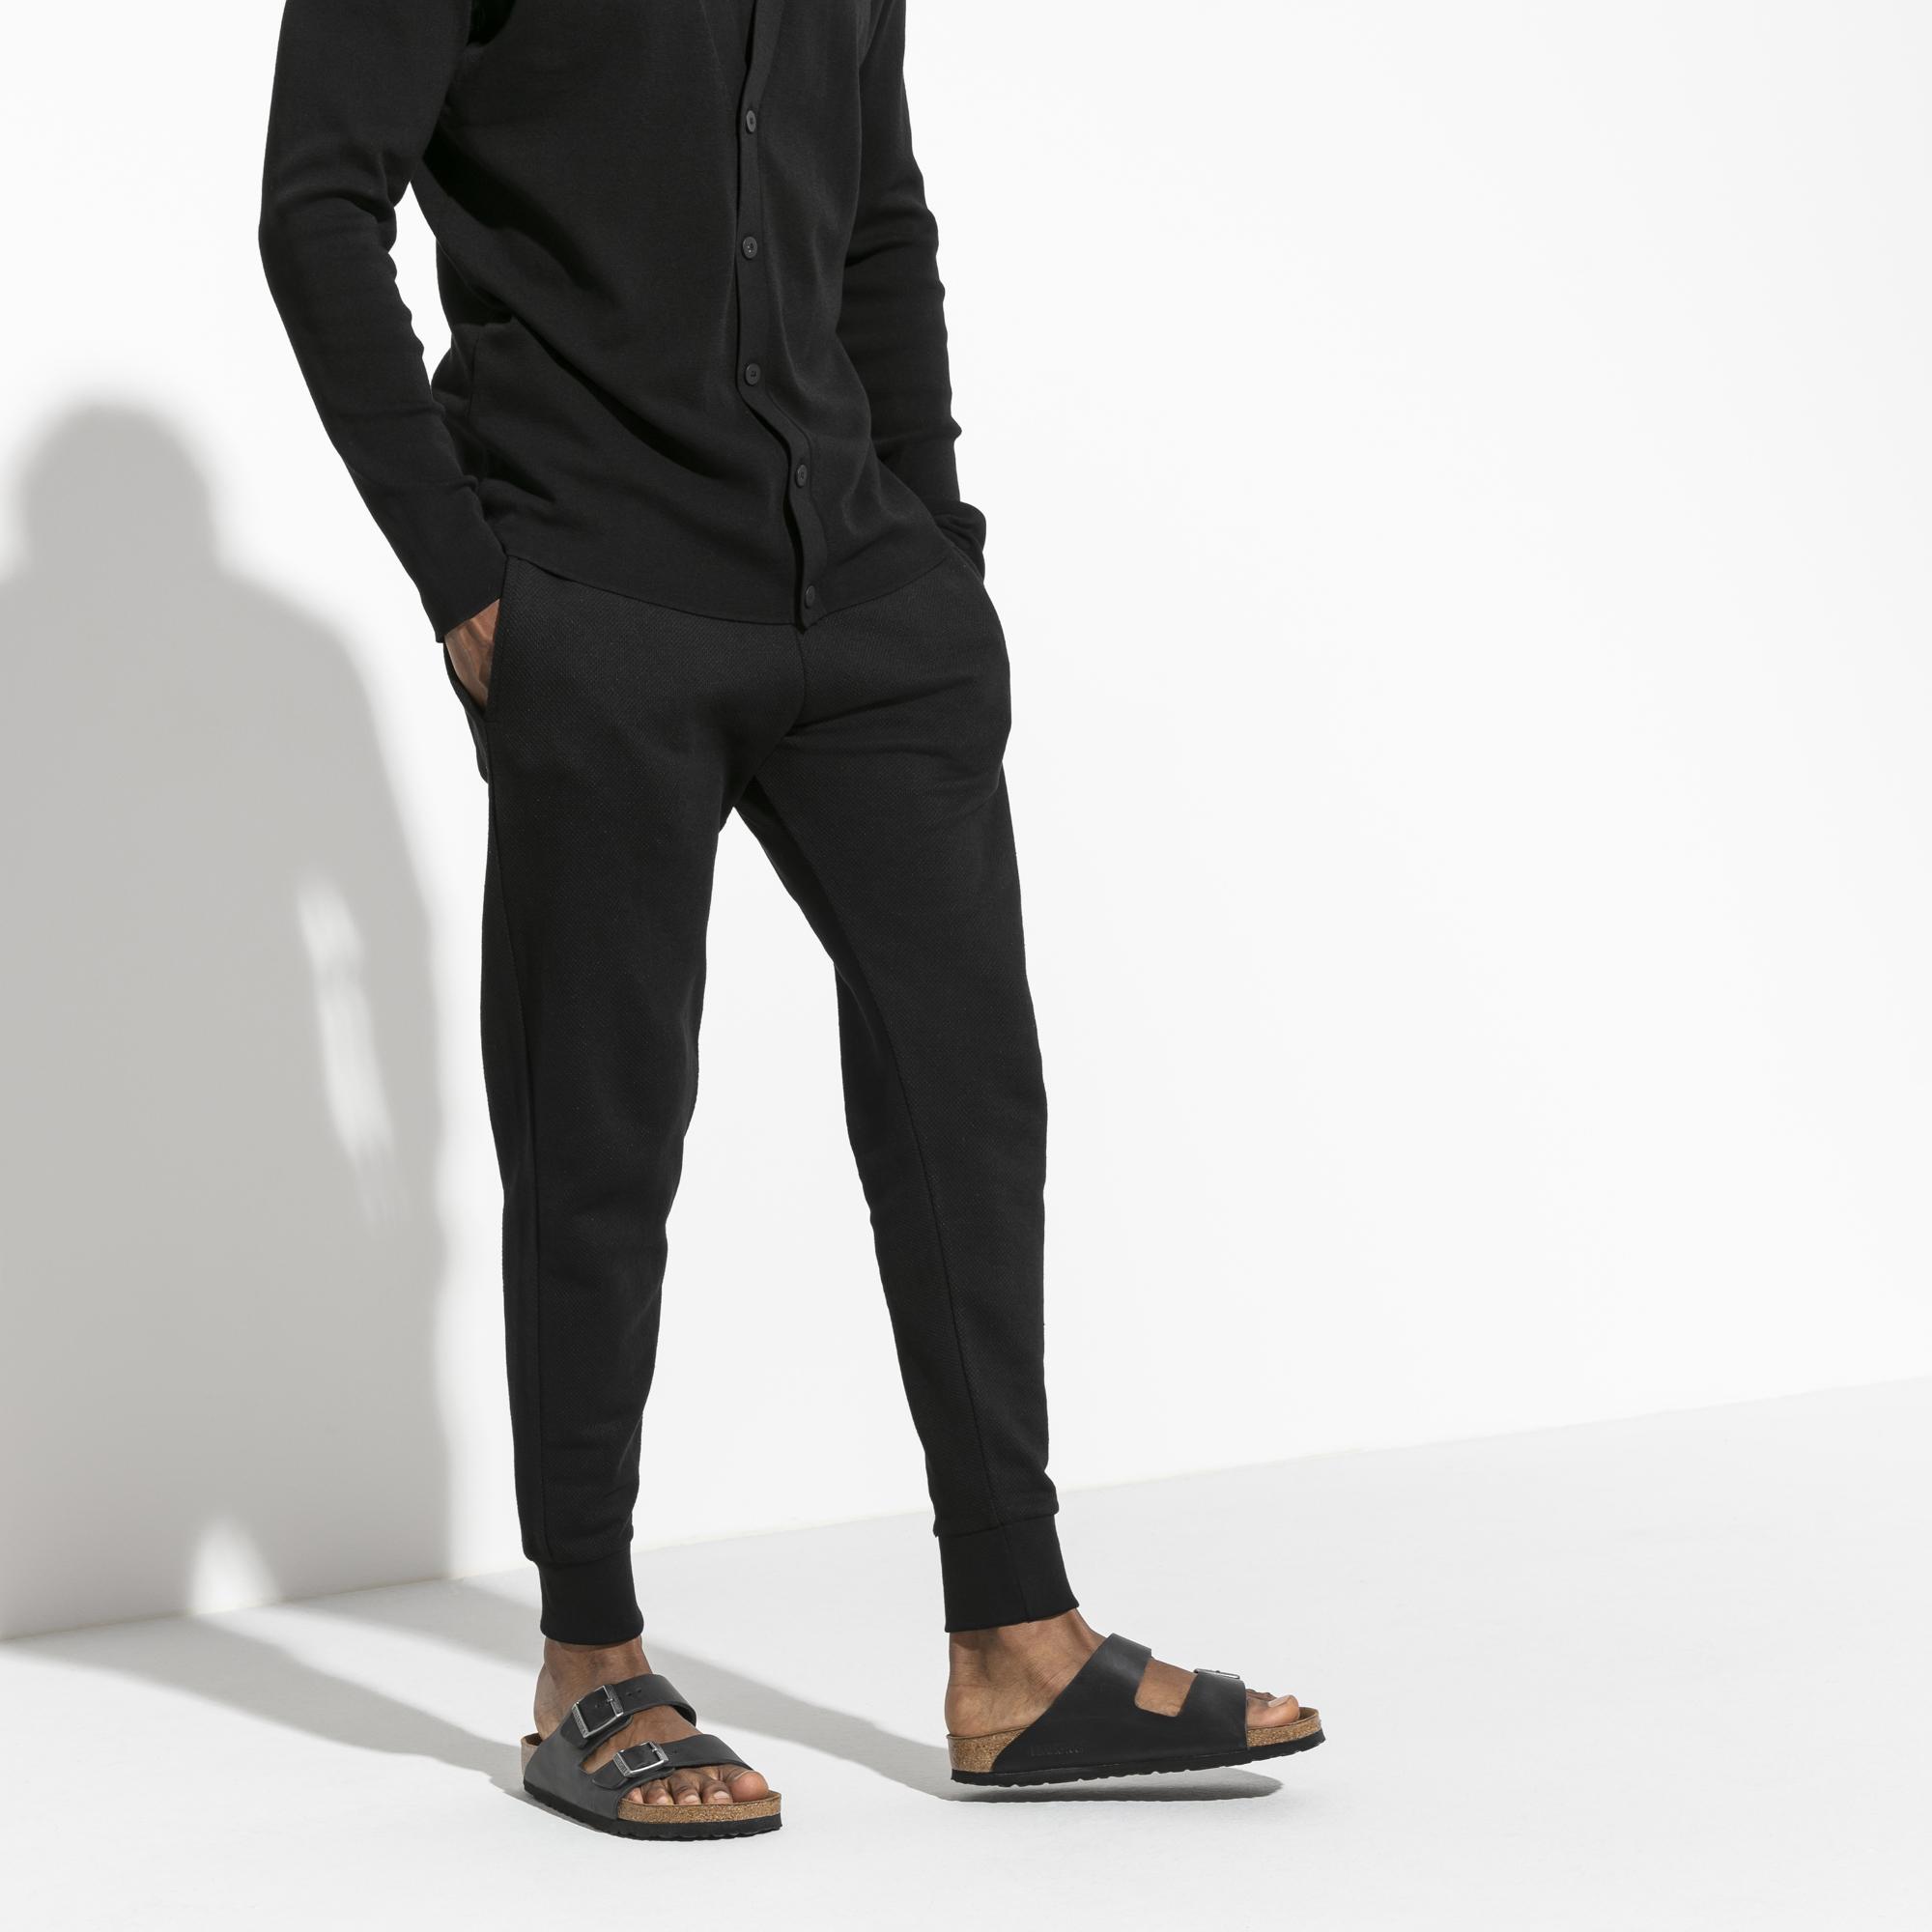 455d17f572ea Arizona Oiled Leather Black | shop online at BIRKENSTOCK